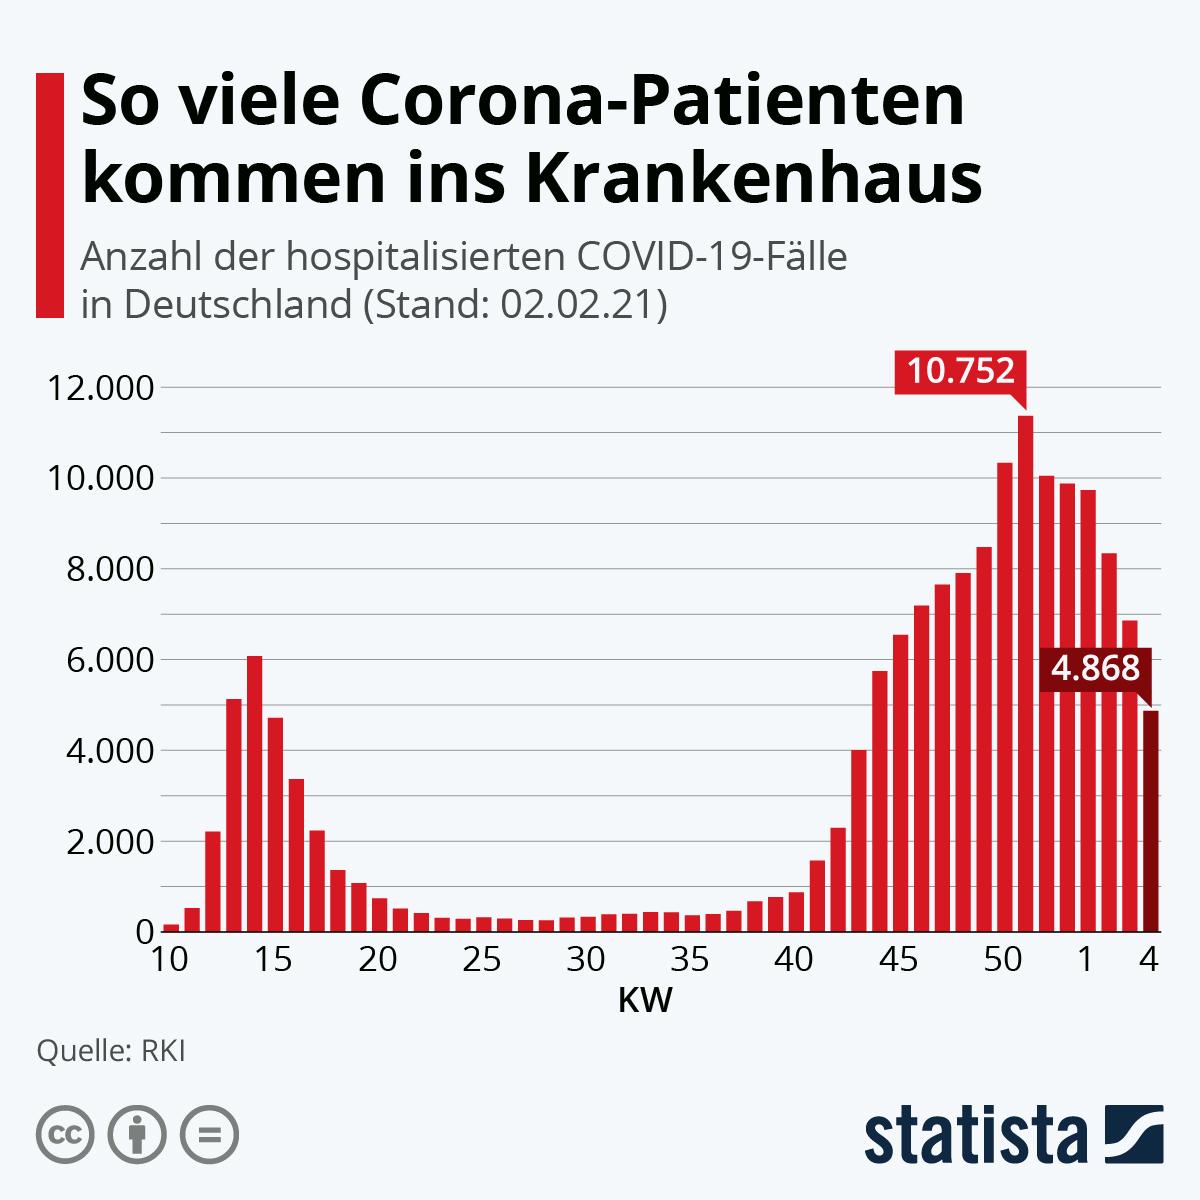 2021-02-04 Hospitalisierung so viele kommen ins Krankenhaus